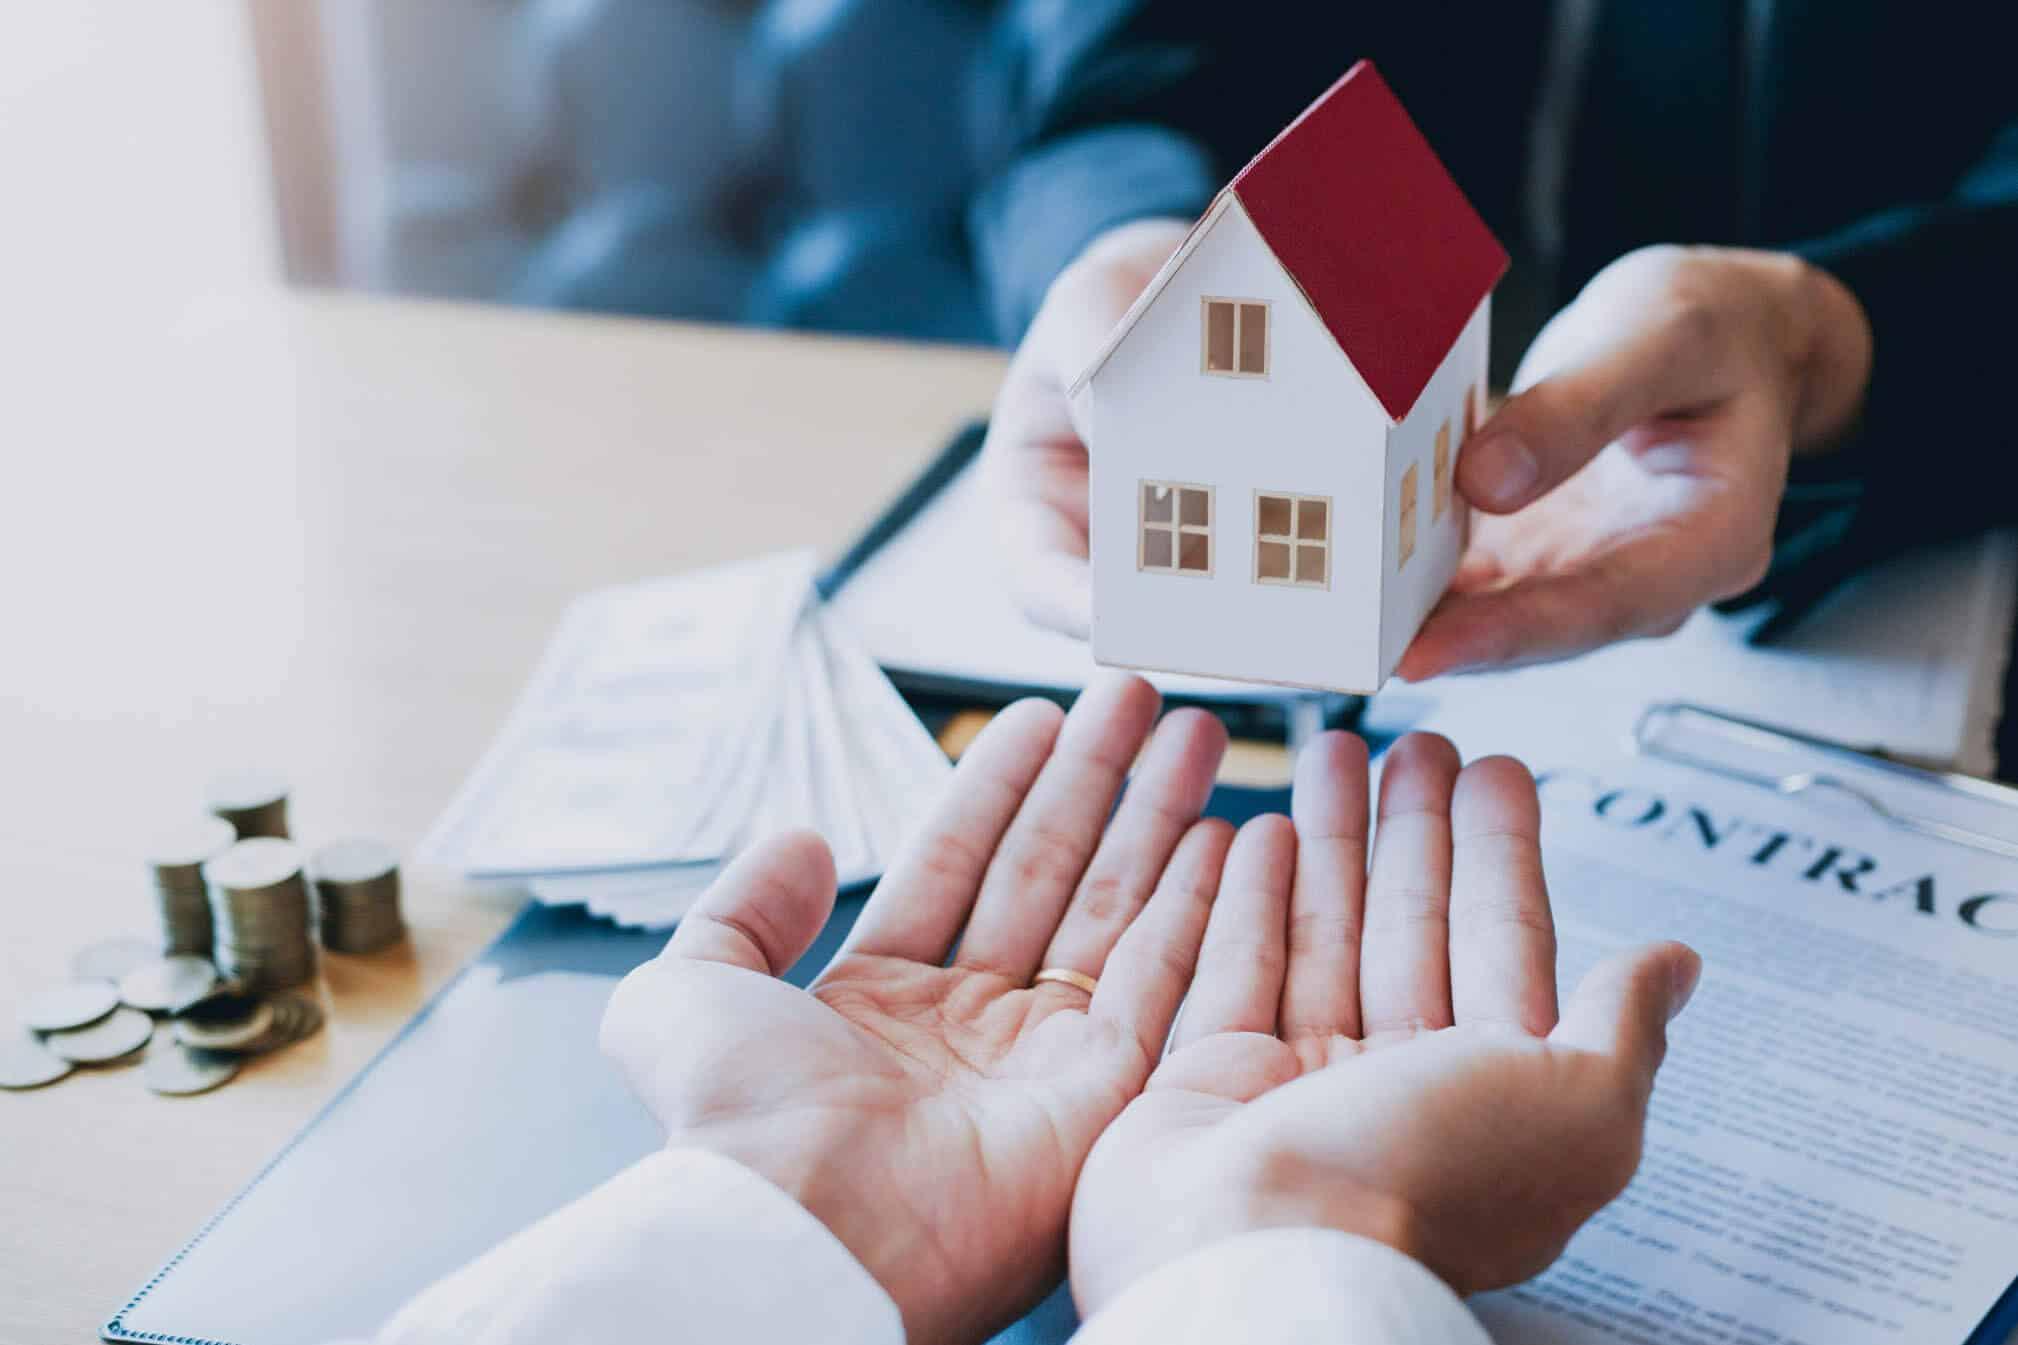 processo de compra de uma casa